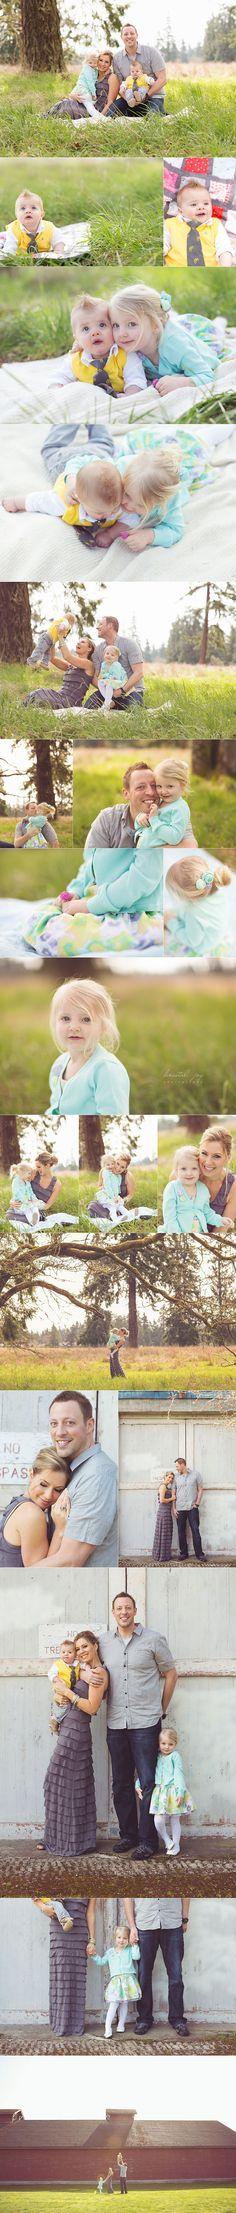 the Rody Family | North Tacoma Family Photographer » Kristal Joy Photography